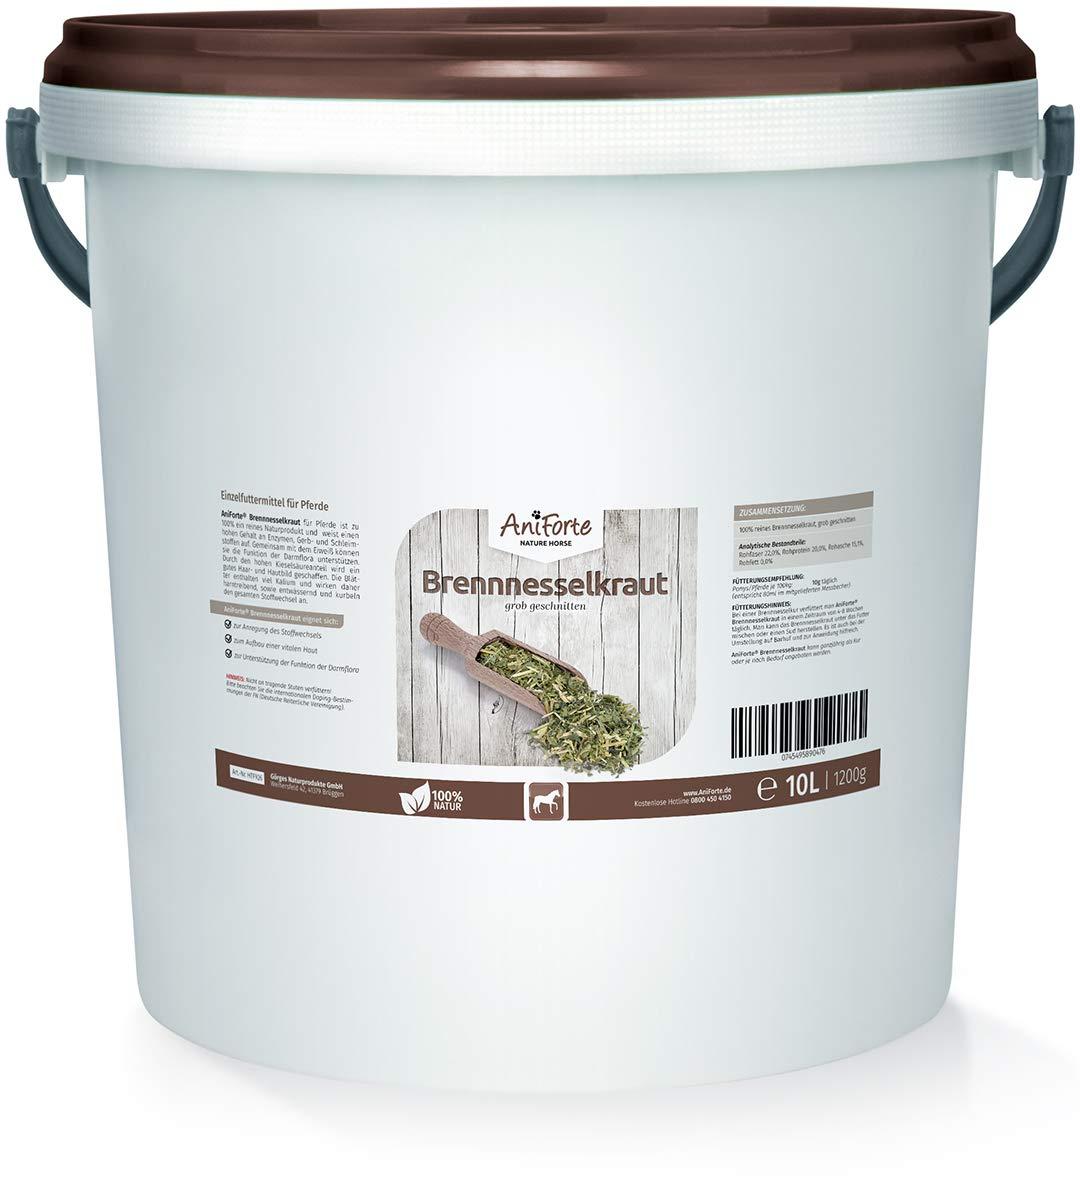 AniForte brennnessel Rodnik Grueso Corte 10 L - Producto Natural ...